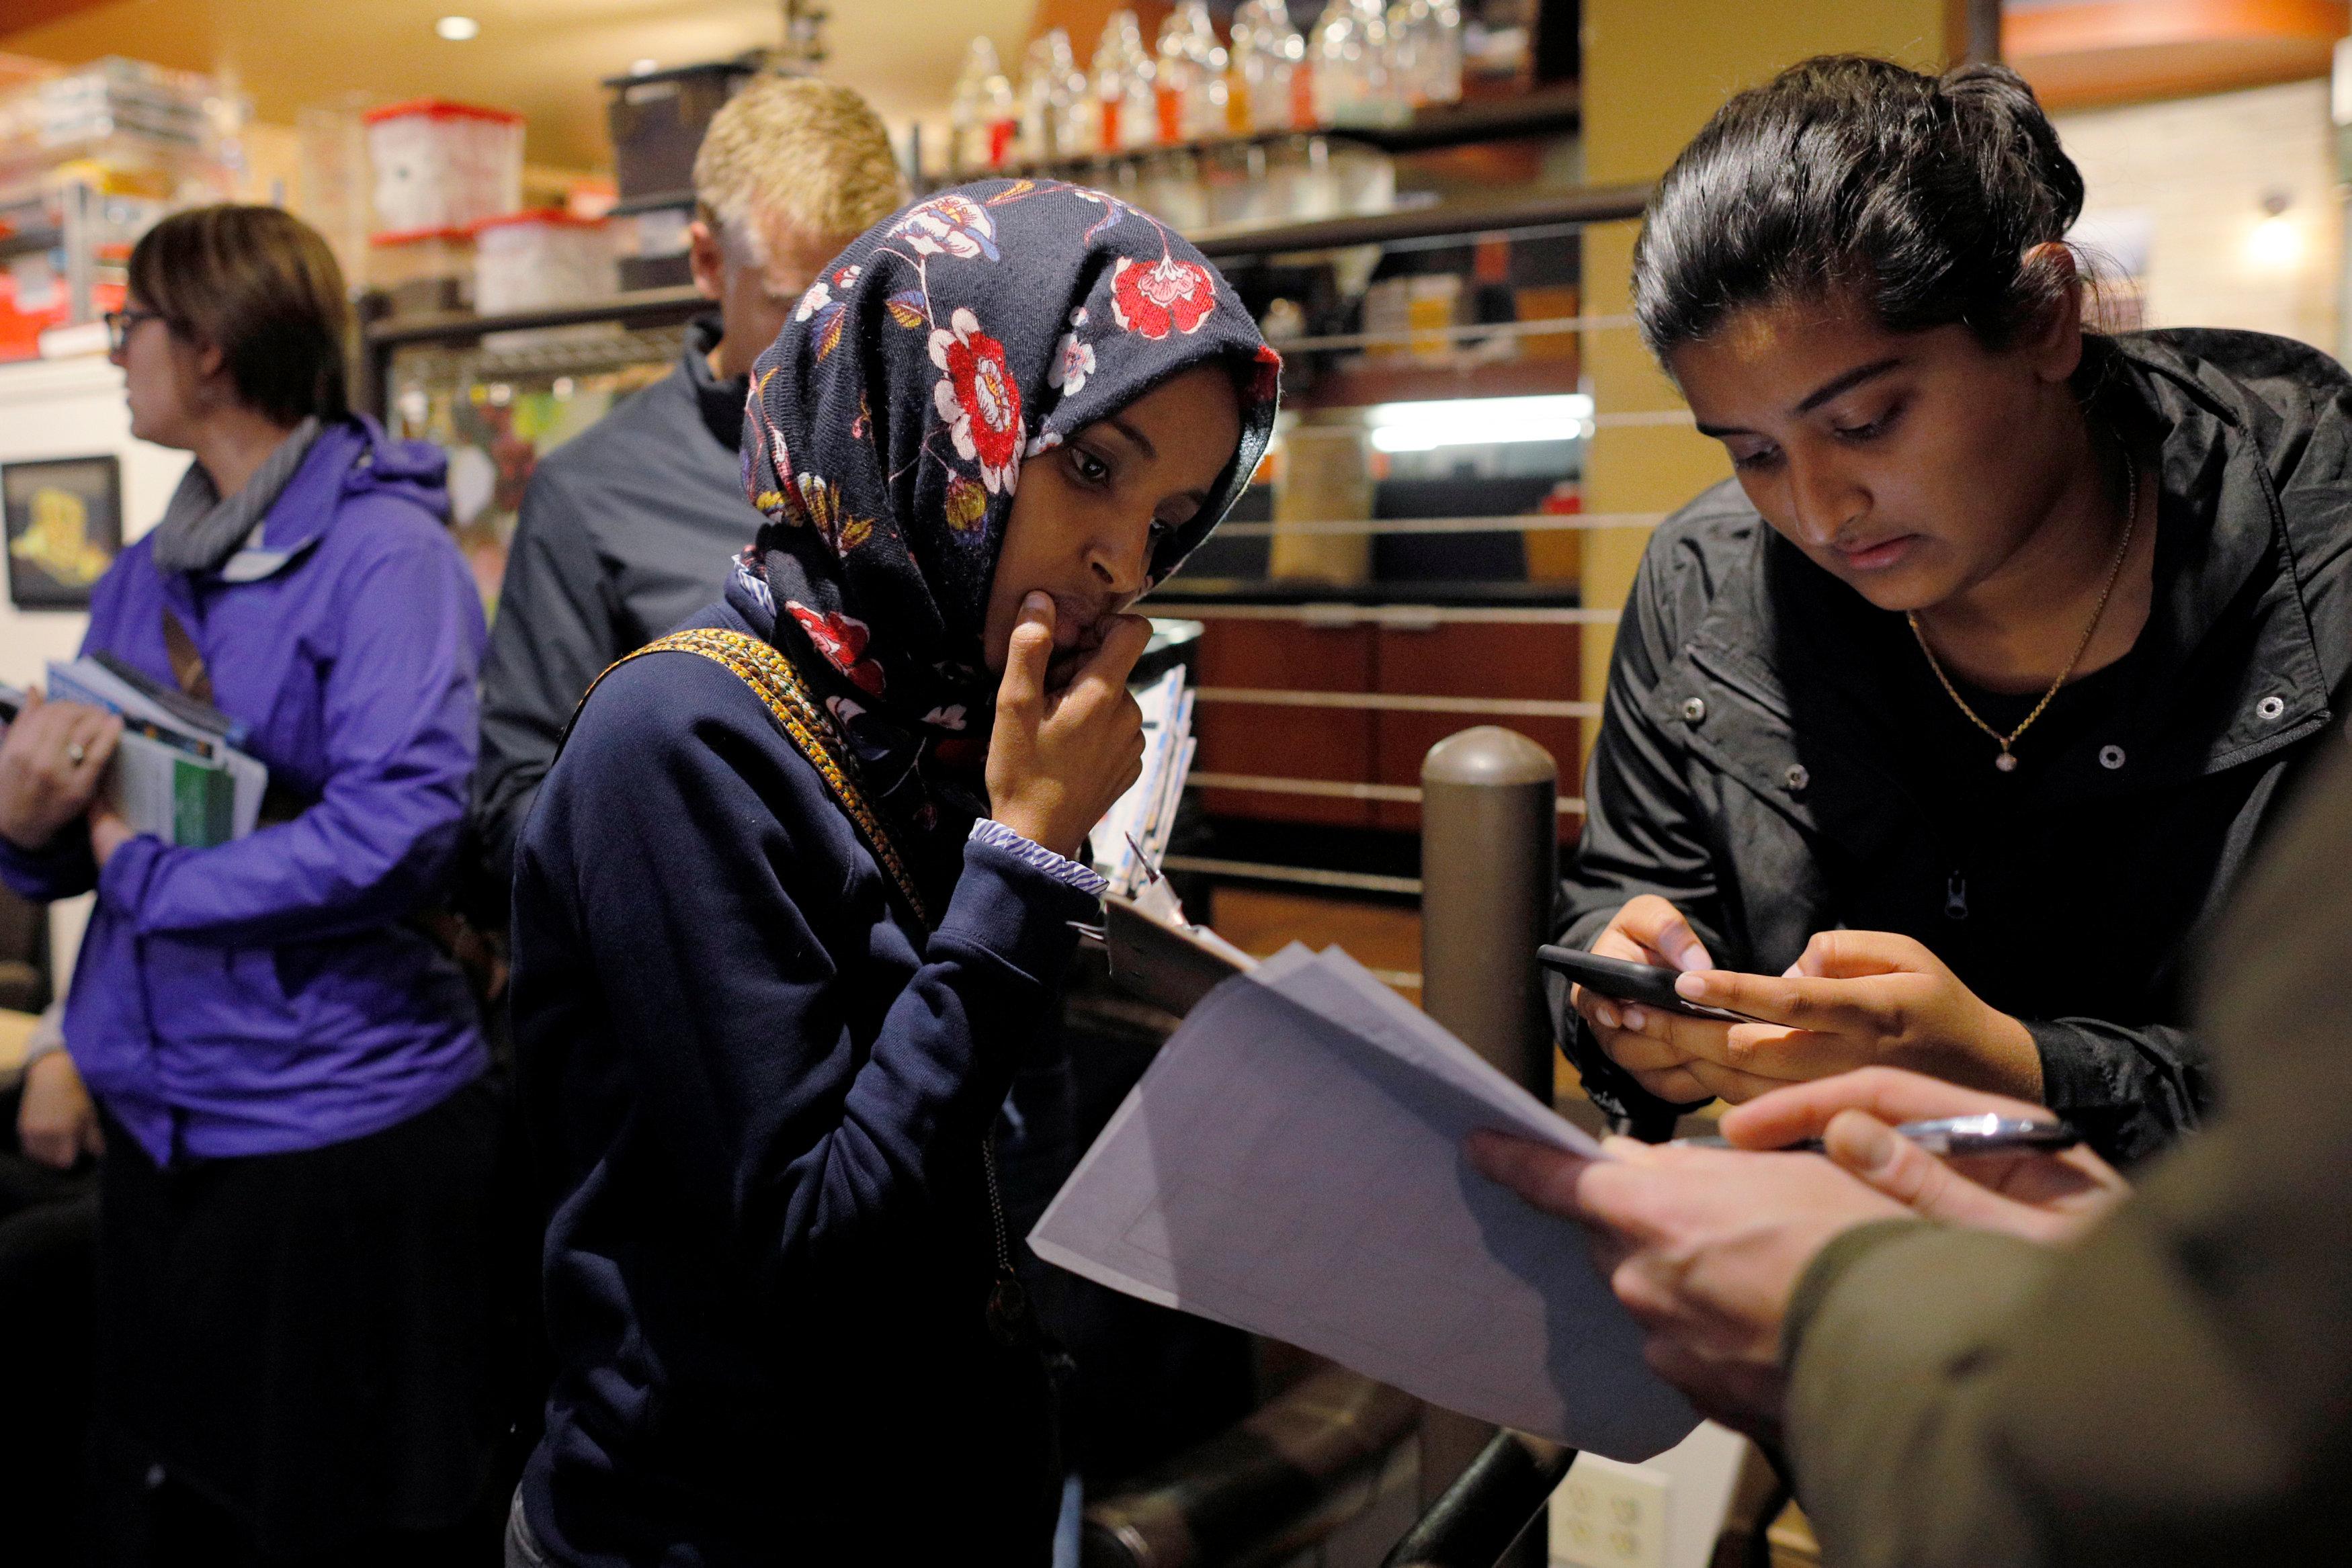 عمر مع عدد من أعضاء حملتها الانتخابية